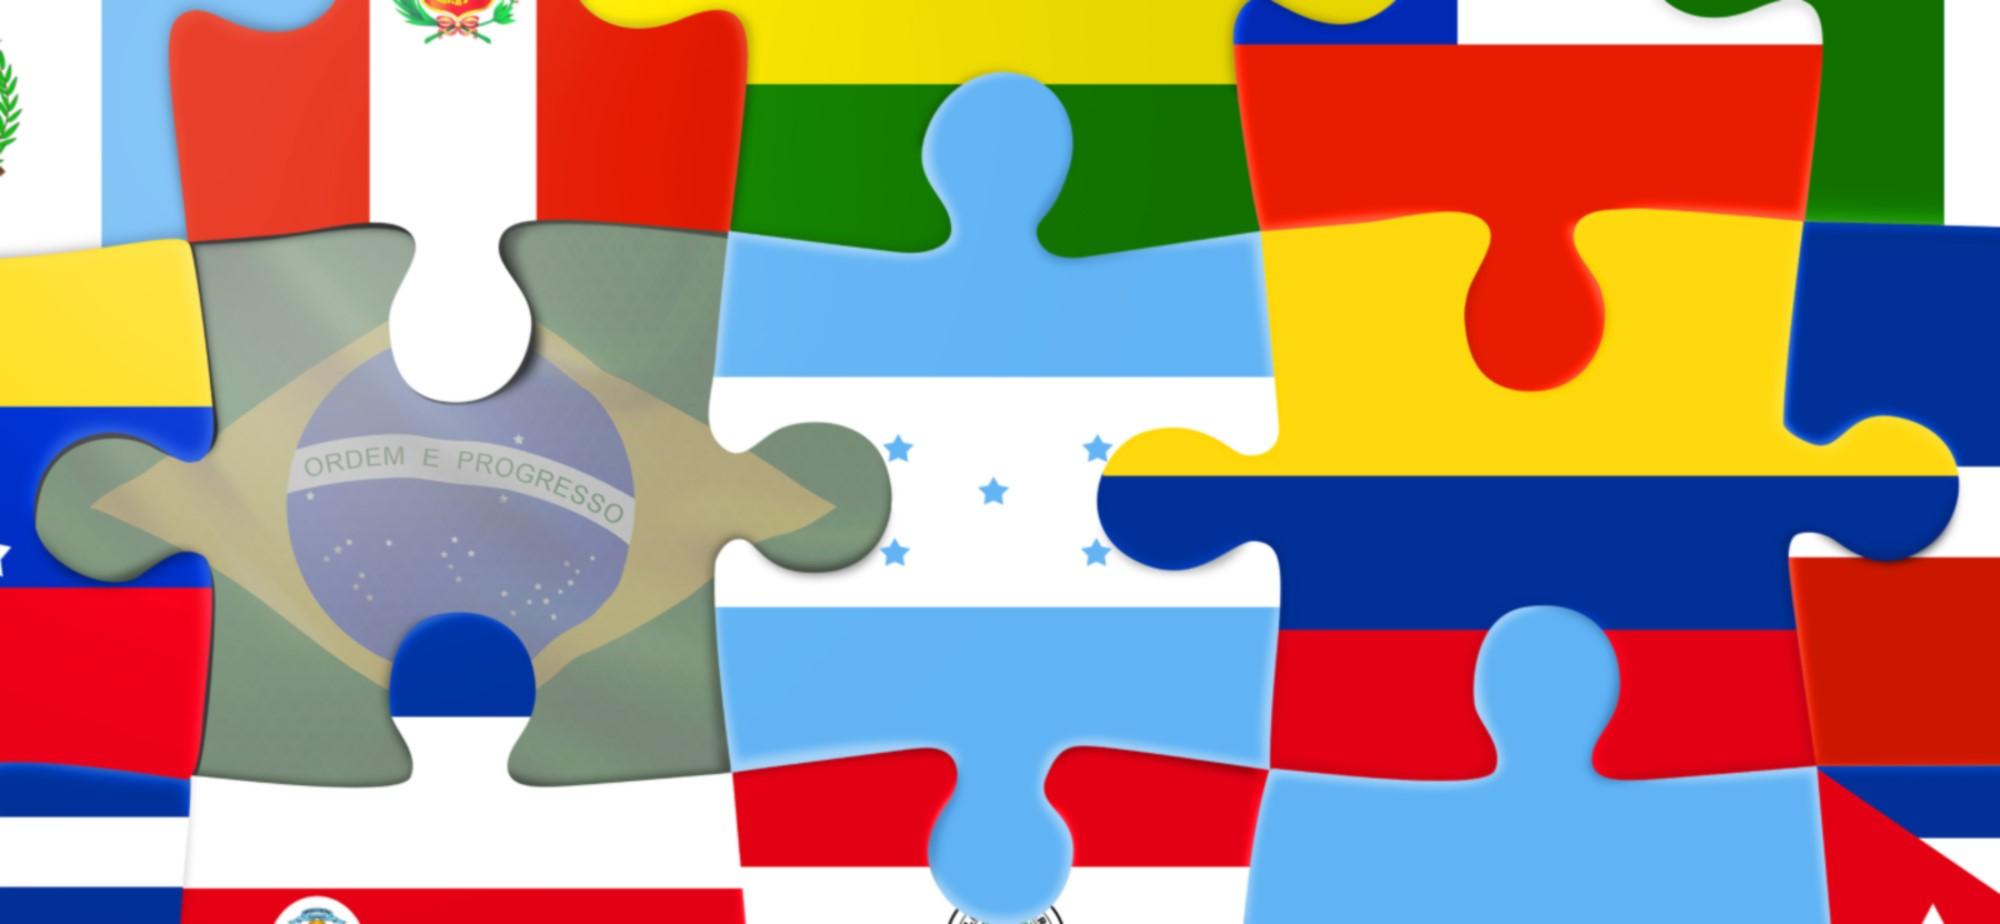 banca-latinoamerica-caribe-adopción